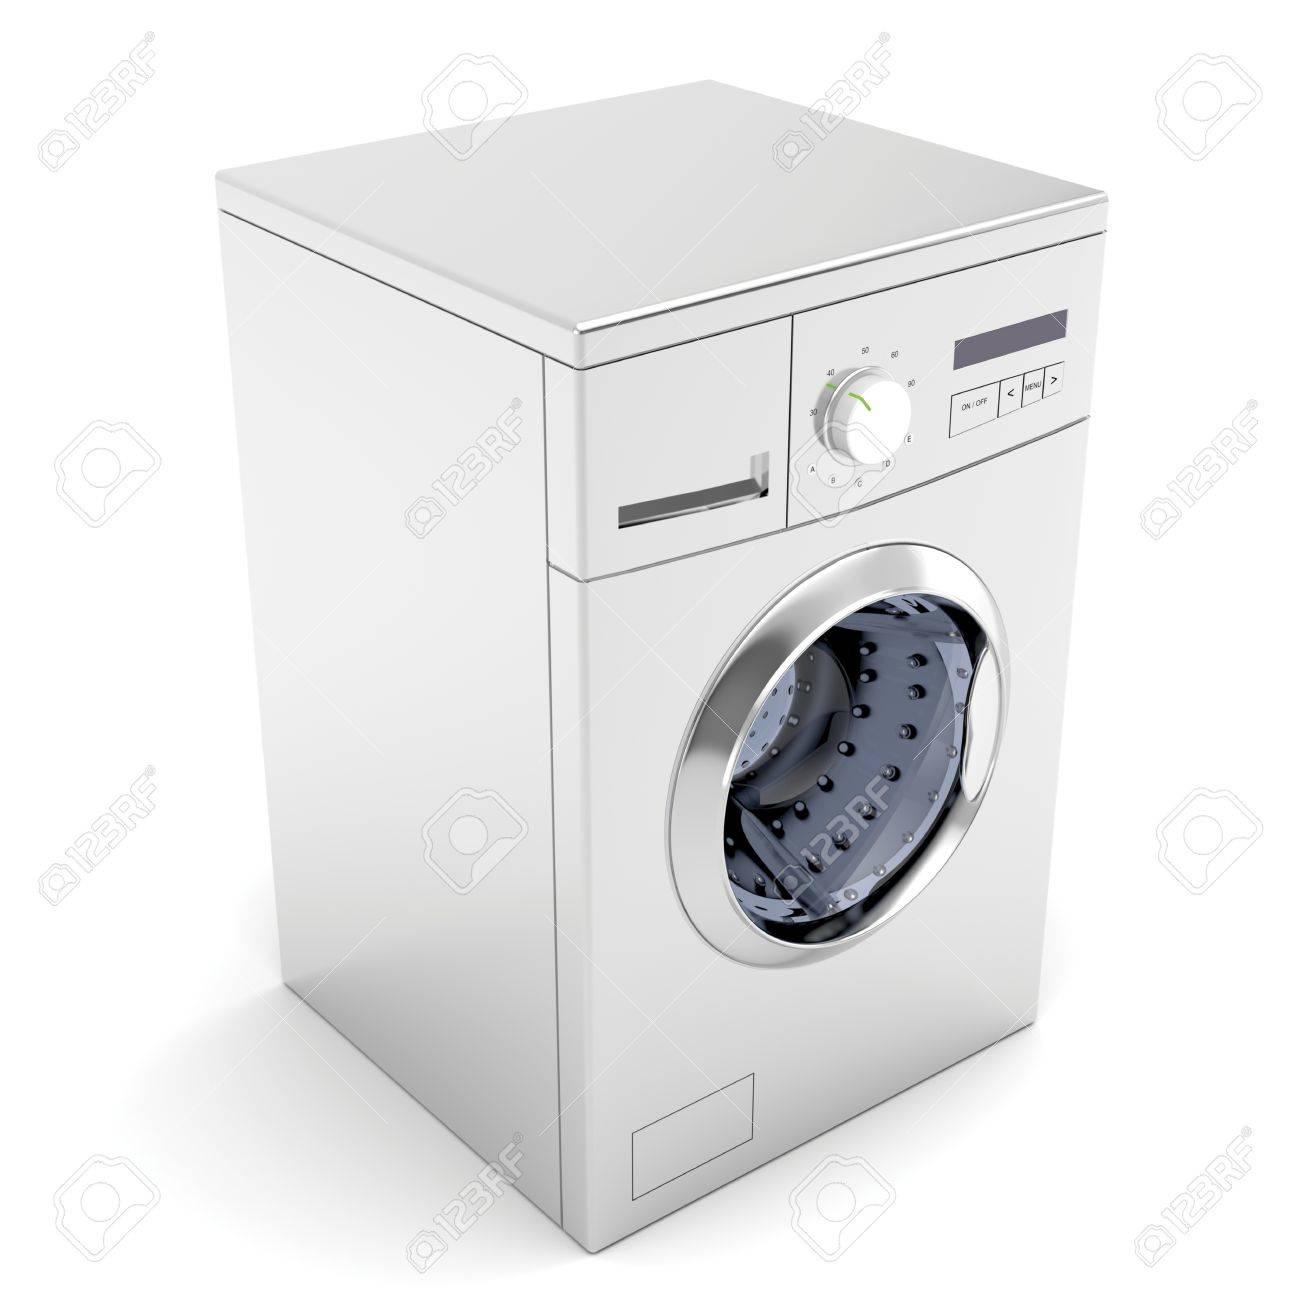 Washing machine on white background Stock Photo - 12459837